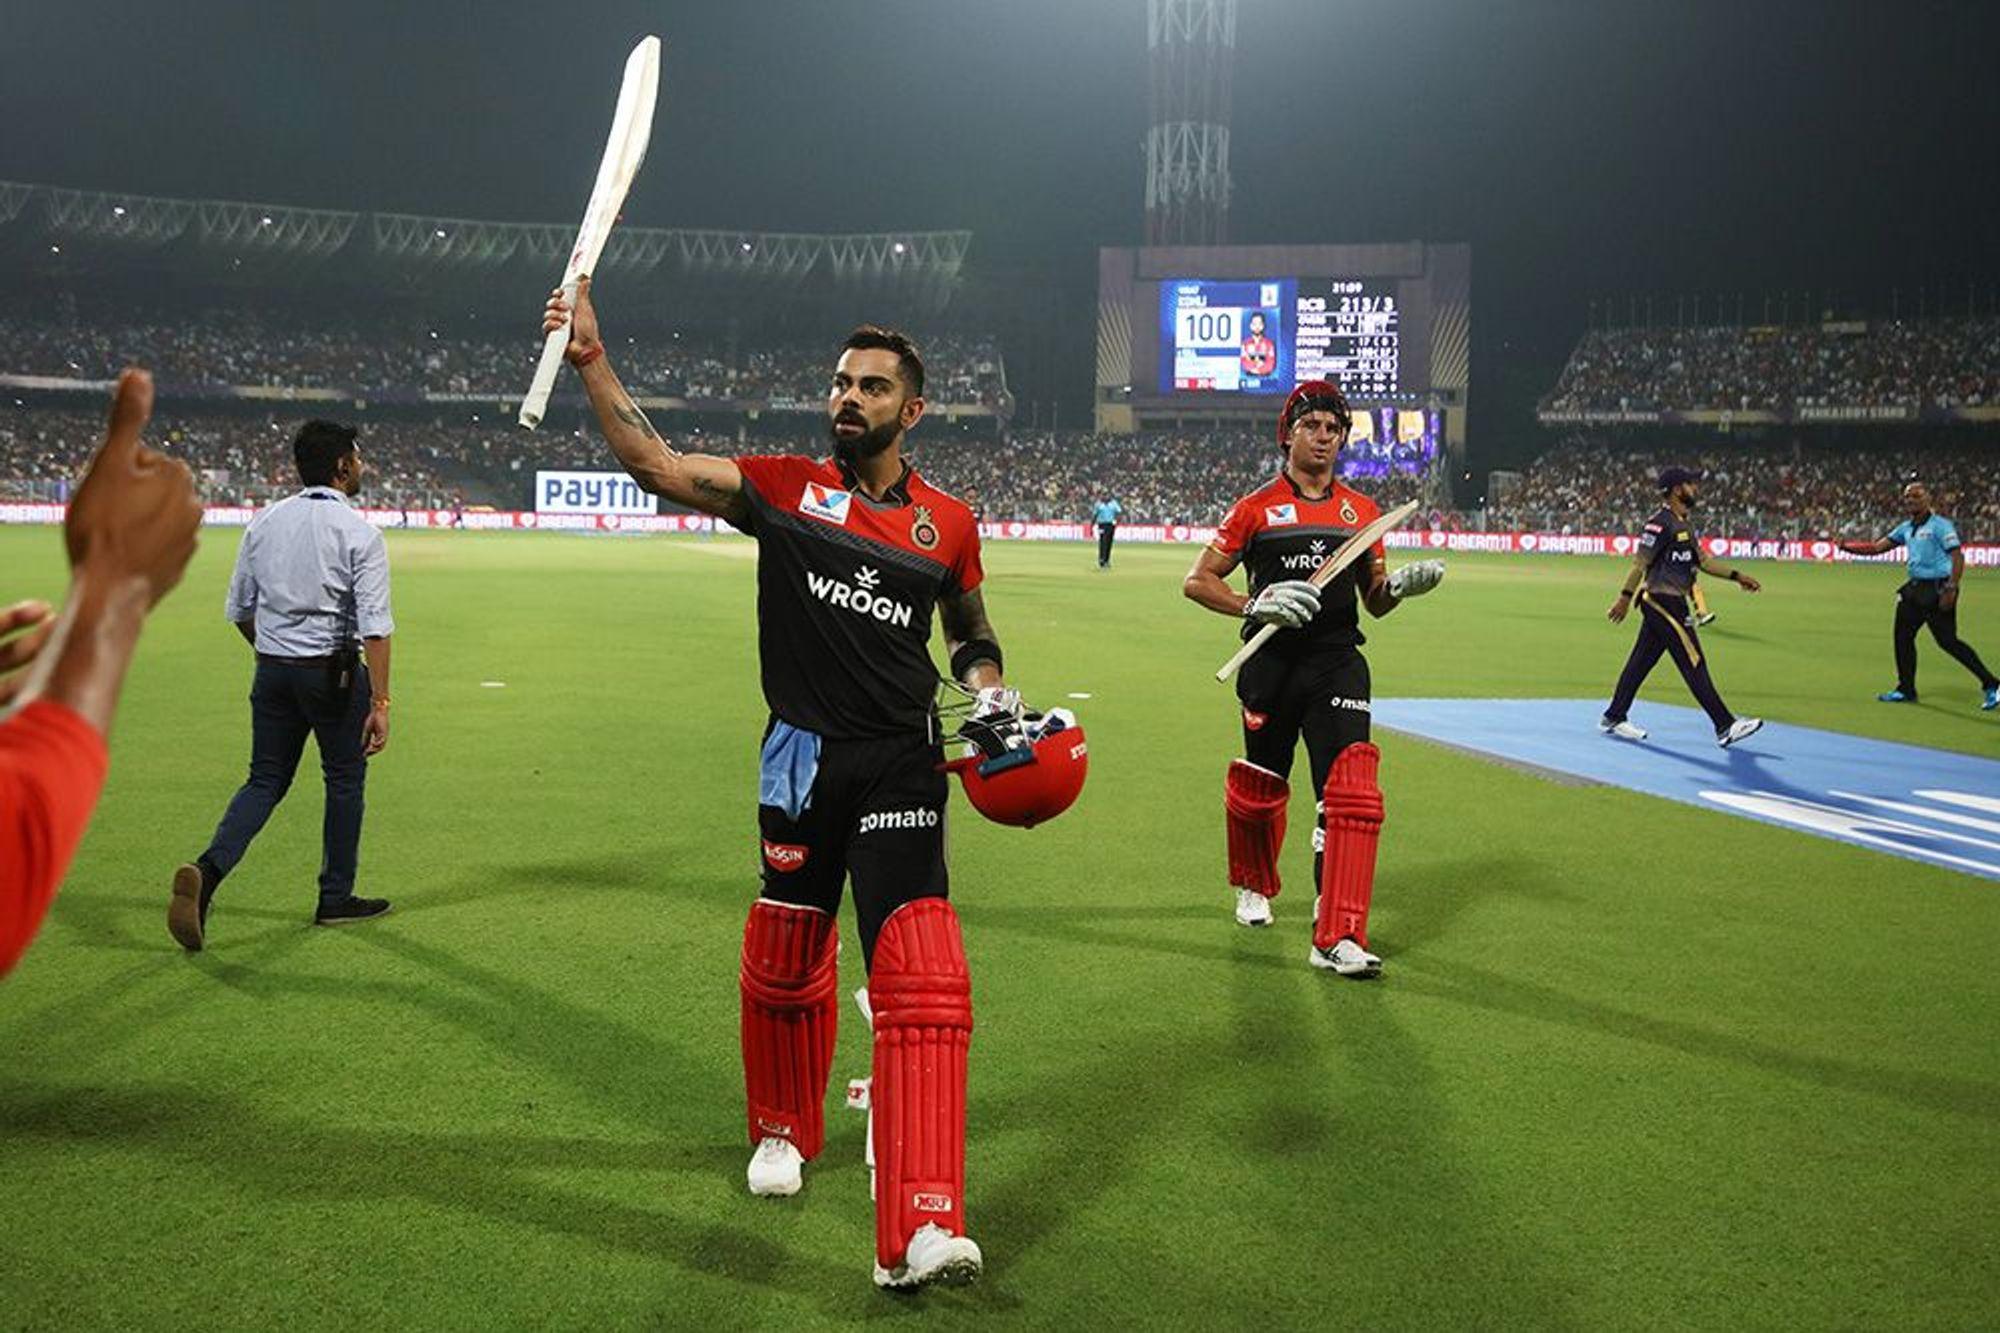 विराट कोहली ने केकेआर के खिलाफ ईडन गार्डन्स में 58 गेंदों में नौ चौके और चार छक्के की मदद से 100 रन की पारी खेली. यह बतौर कप्तान उनका आईपीएल में रिकॉर्ड पांचवां शतक है. इससे पहले कप्तान के रूप में वीरेंद्र सहवाग, सचिन तेंदुलकर, एडम गिलक्रिस्ट और डेविड वॉर्नर एक-एक शतक लगा चुके हैं.हालांकि टी20 क्रिकेट में बतौर कप्तान ऑस्ट्रेलिया के माइकल किलंगर ने रिकॉर्ड छह शतक लगाए हैं. (photo-iplt20.com)